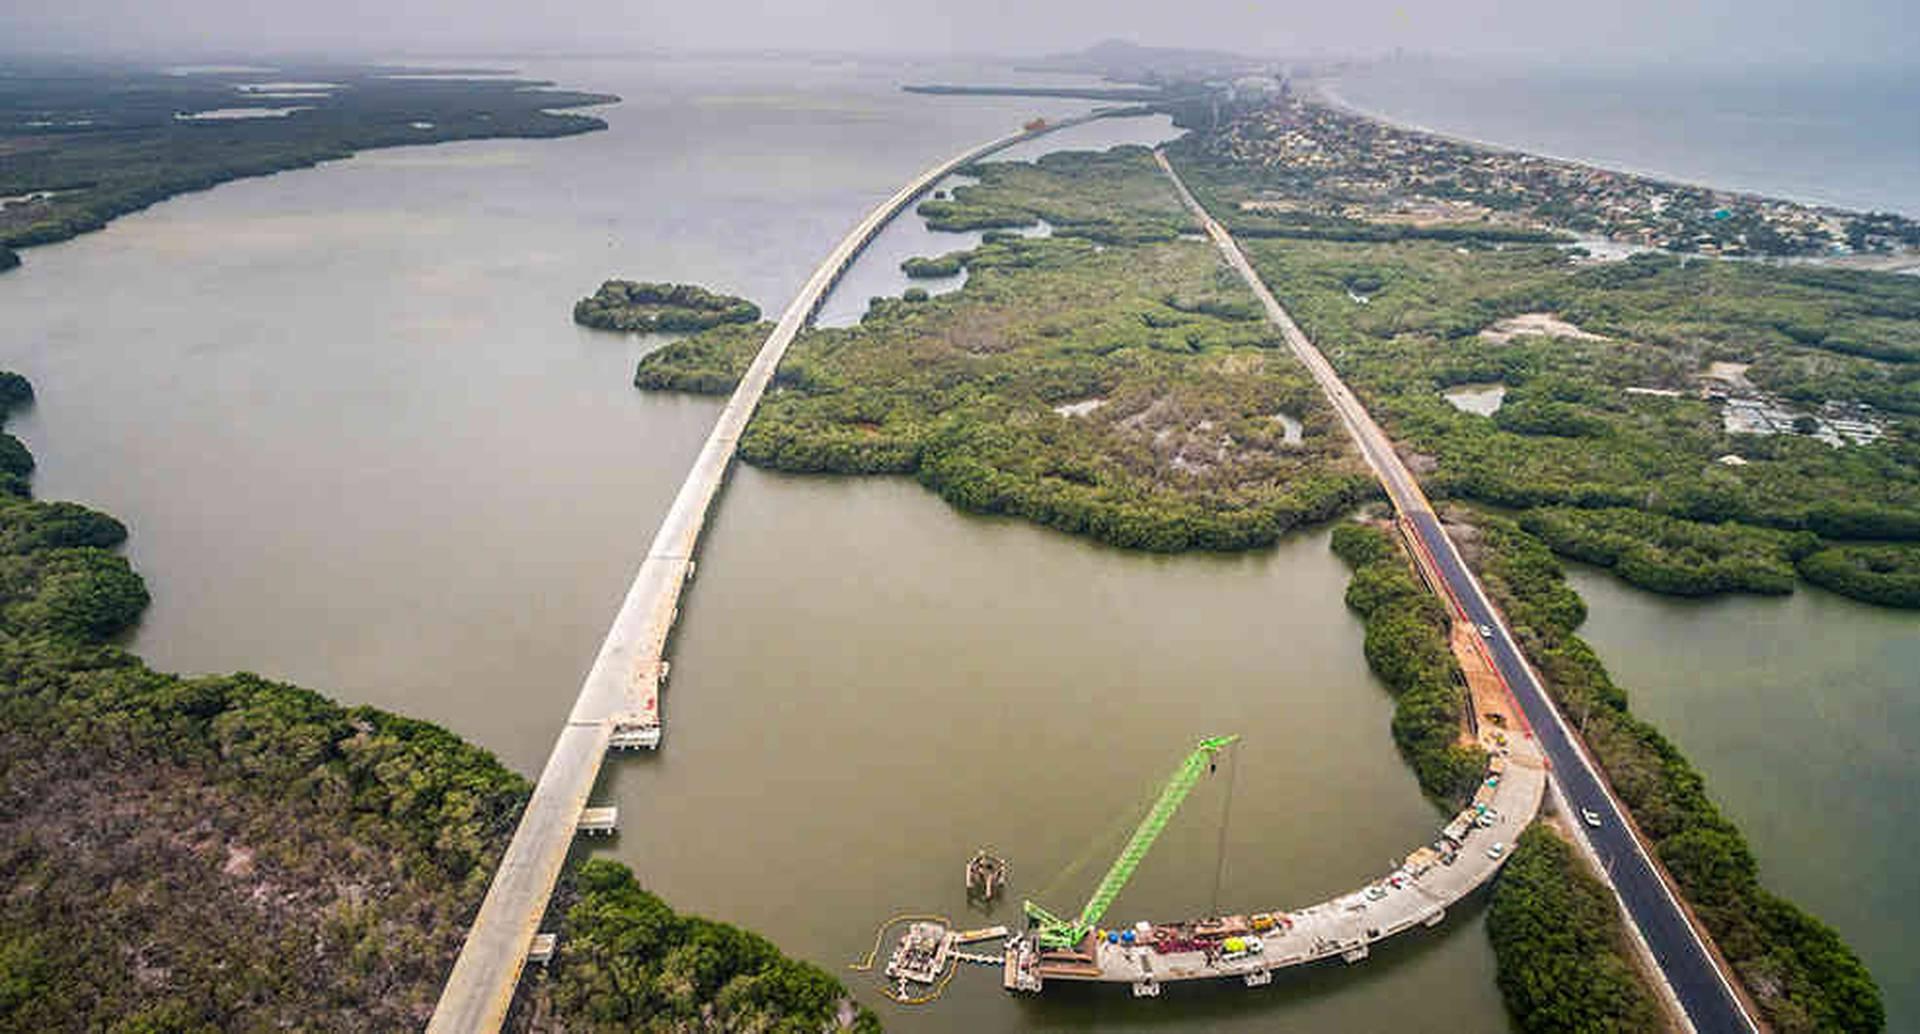 Ciénaga de la Virgen. En construcción: un viaducto de 4,73 kilómetros, del cual el 87 por ciento se ubica sobre la Ciénaga de Magdalena. Este se proyecta como el más grande de Colombia y el tercero de América Latina. Inversión: 687.290 millones de pesos. Beneficio: conecta al Caribe colombiano, específicamente a Cartagena y Barranquilla. Terminación de obra: junio de 2018.